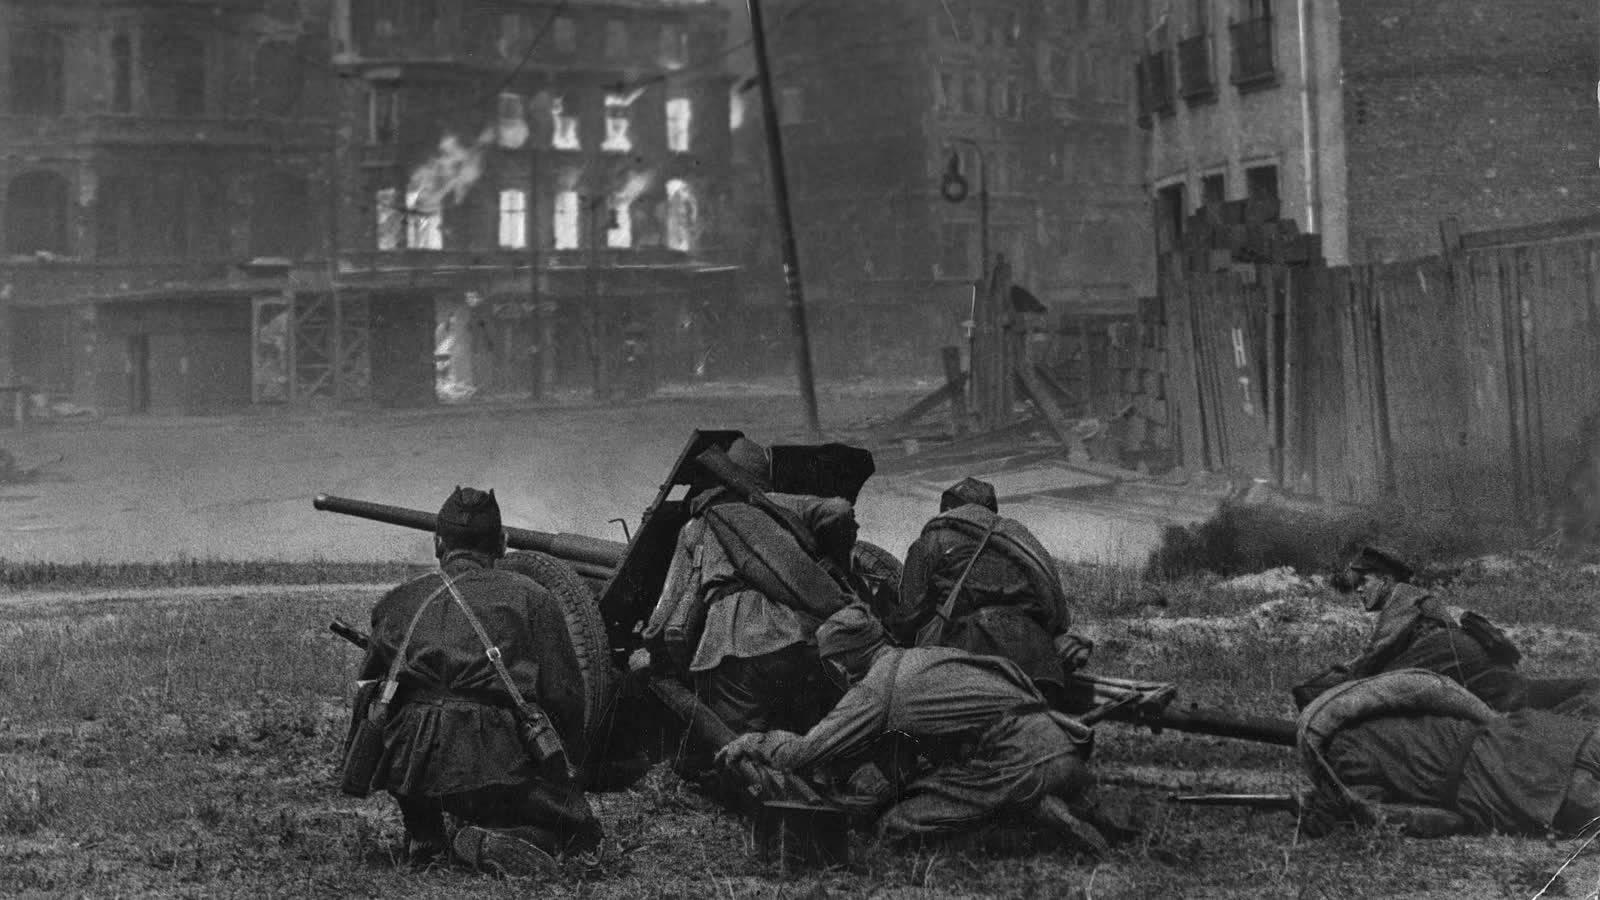 Советские бойцы ведут огонь из 45-мм противотанкового орудия образца 1942 года (М-42) на улице Берлина. Апрель–май 1945 г.